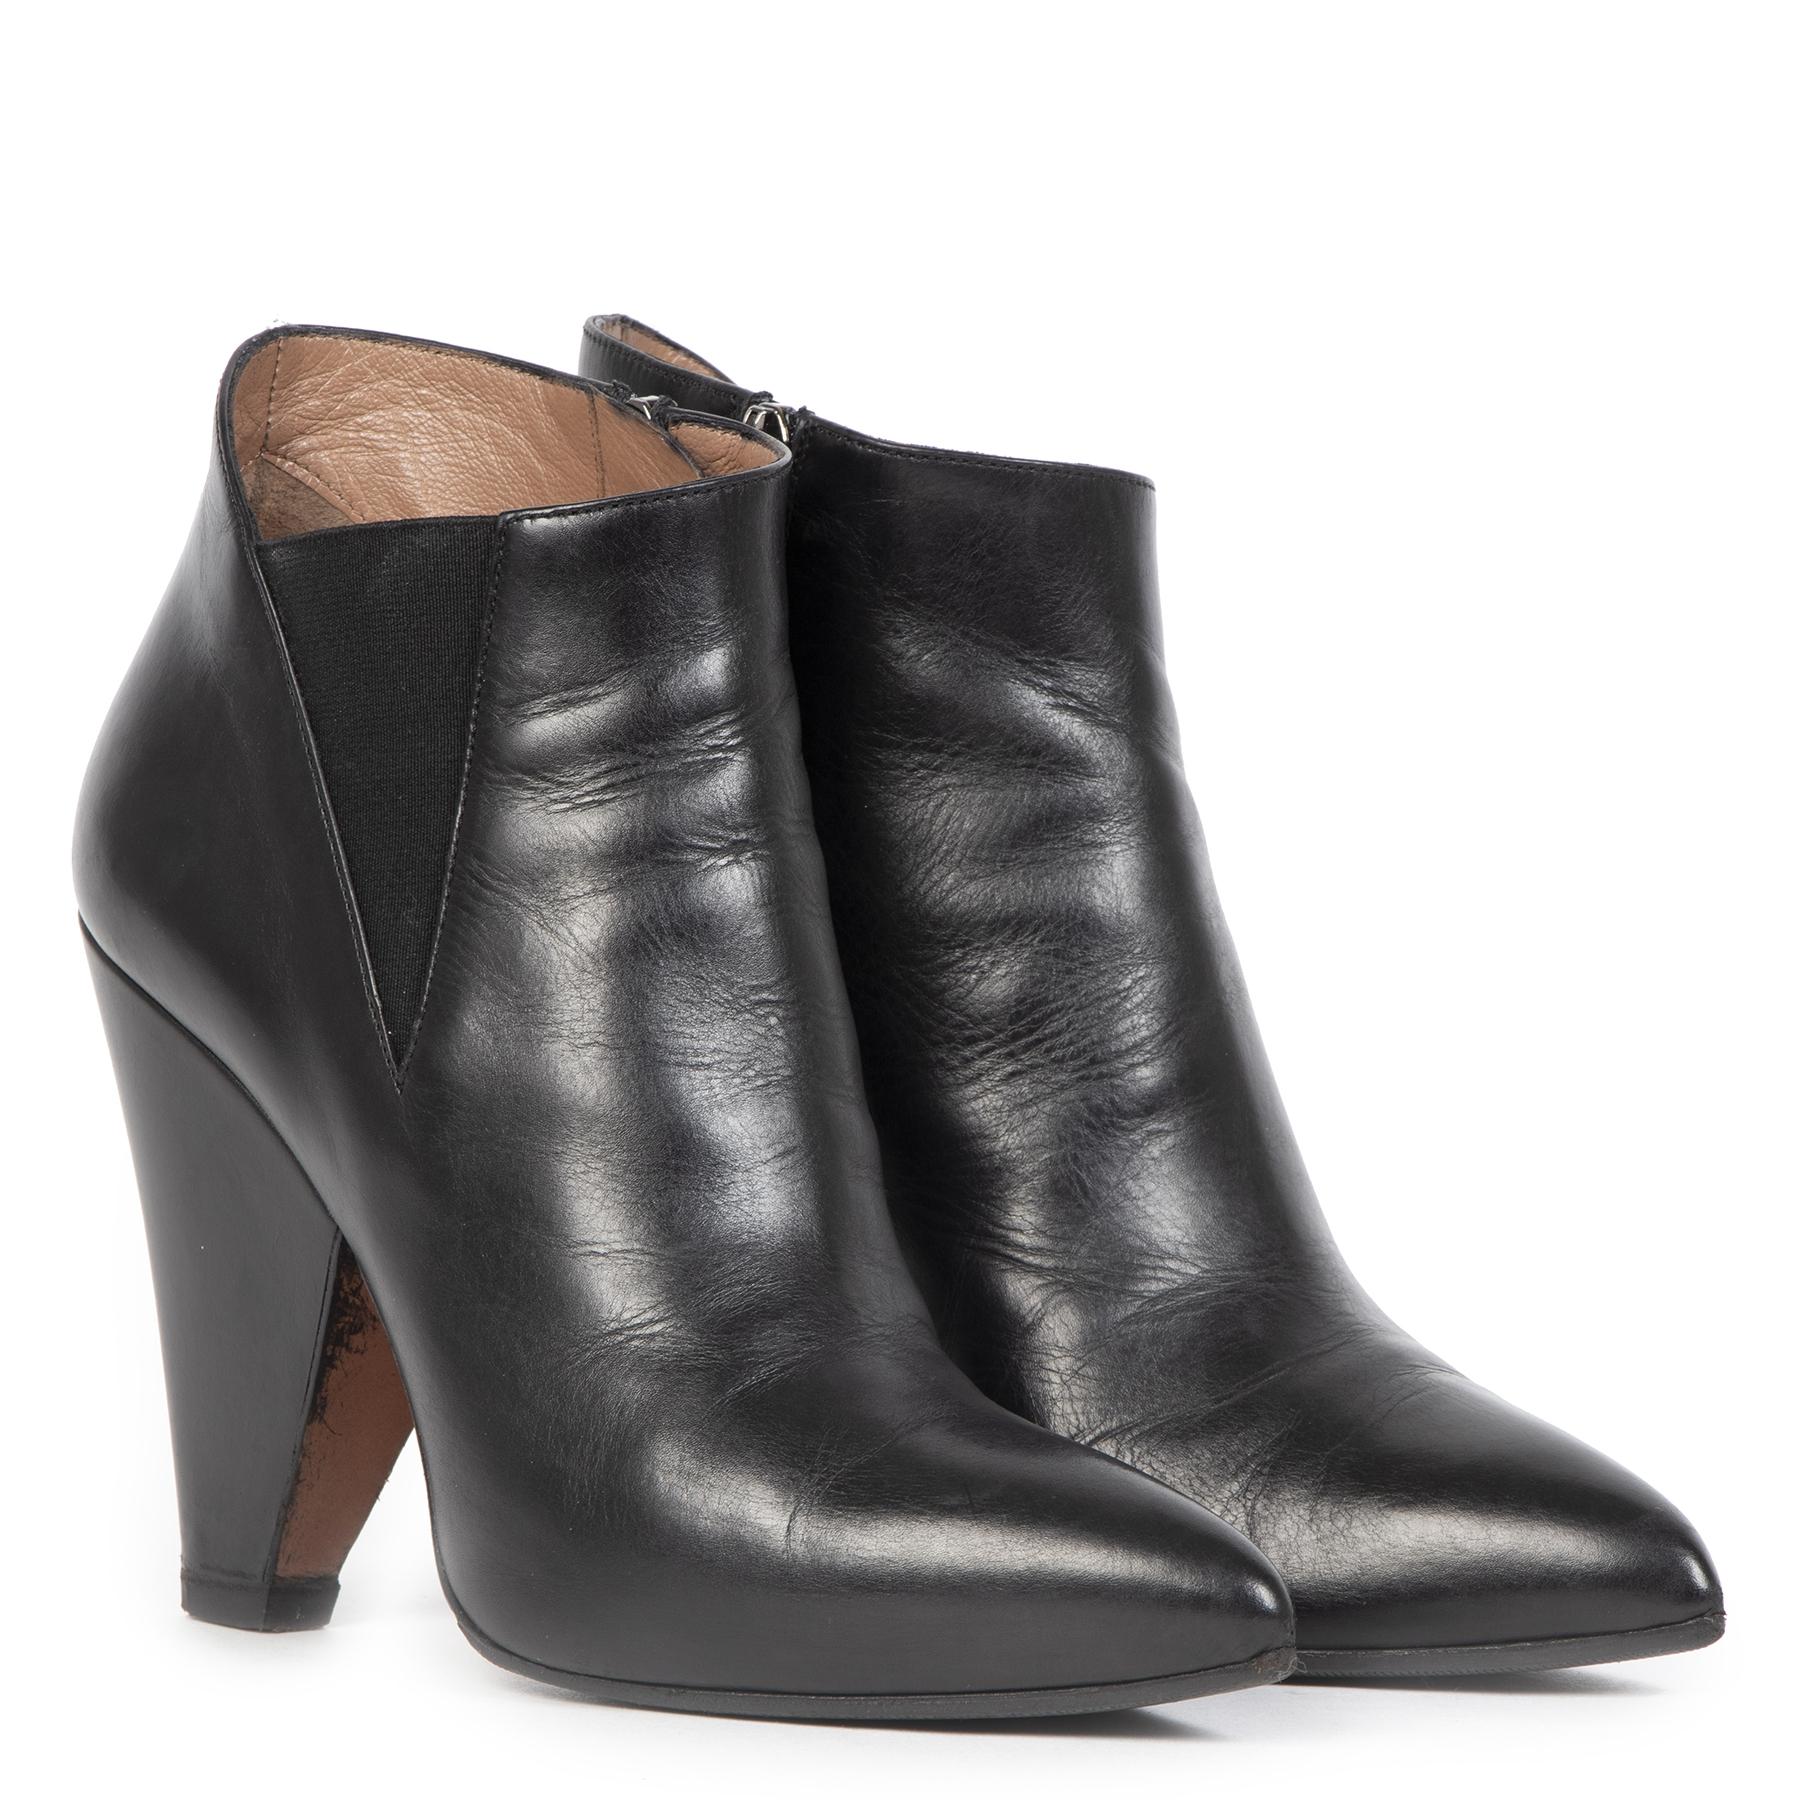 Authentieke Tweedehands Alaïa Black Leather Ankle Boots - Size 37,5 juiste prijs veilig online shoppen luxe merken webshop winkelen Antwerpen België mode fashion